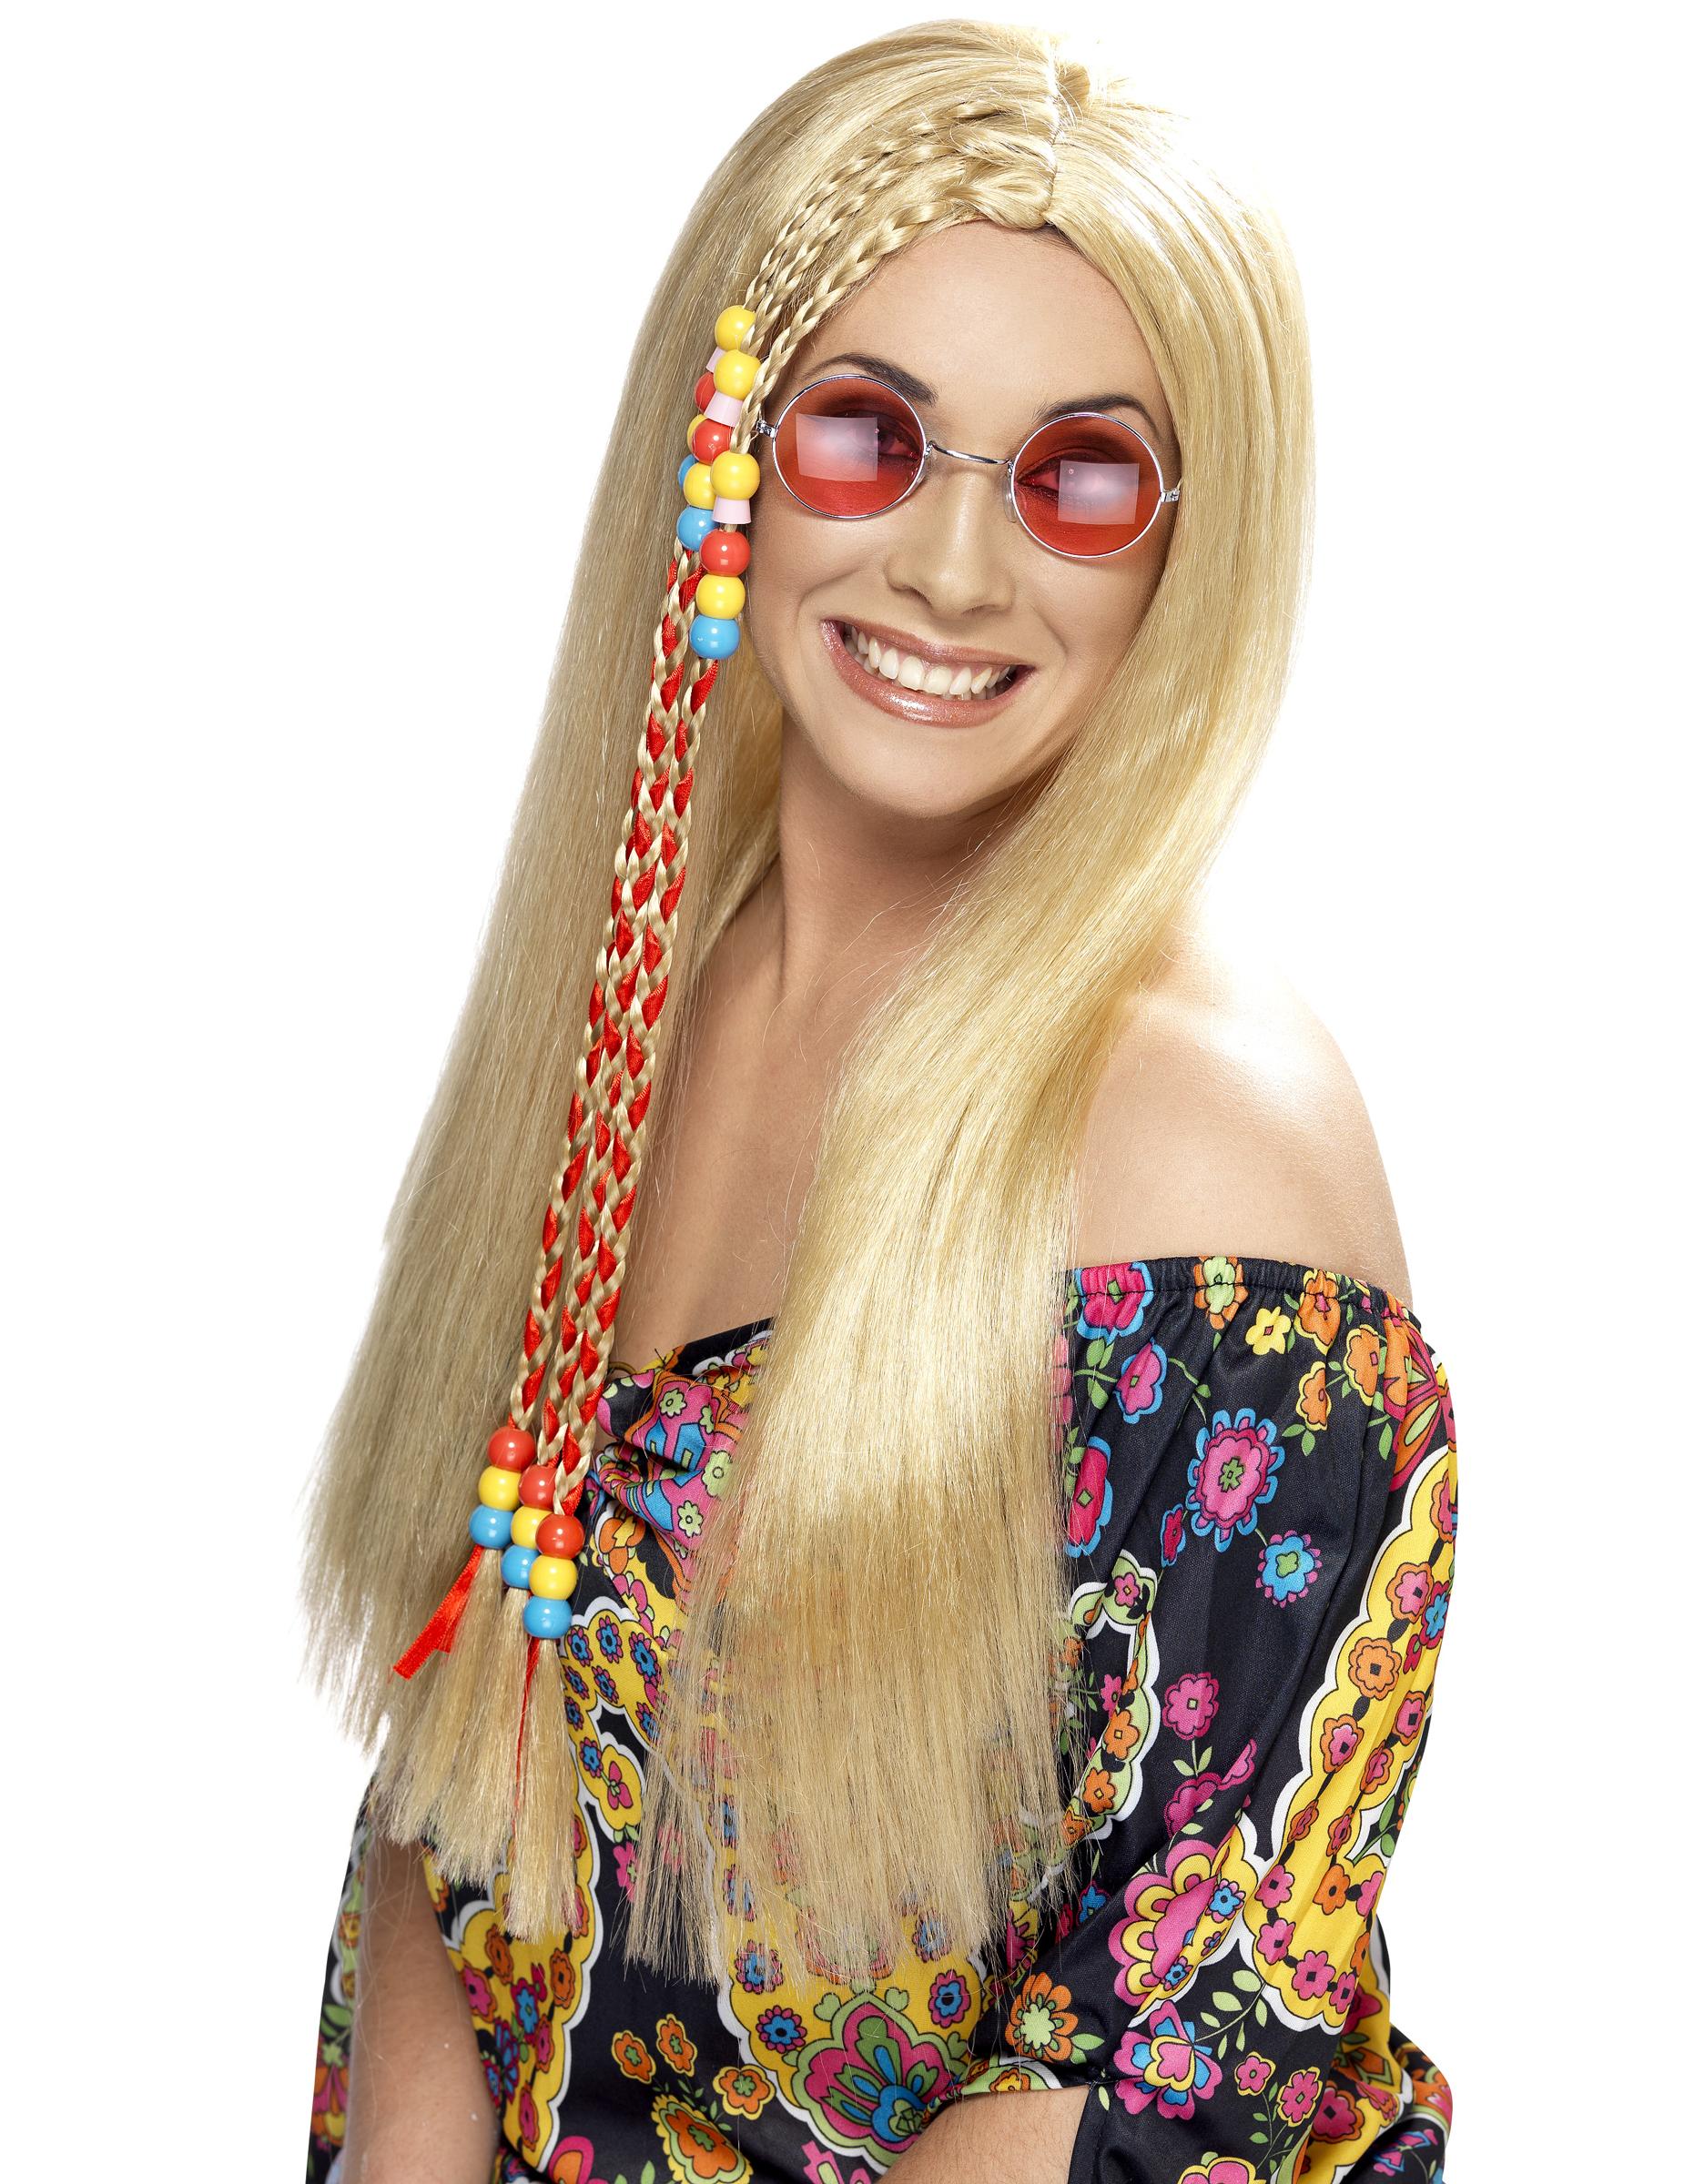 Karneval Fasching Perücke Haare Hippie Perücke mit Blumenband blond NEU